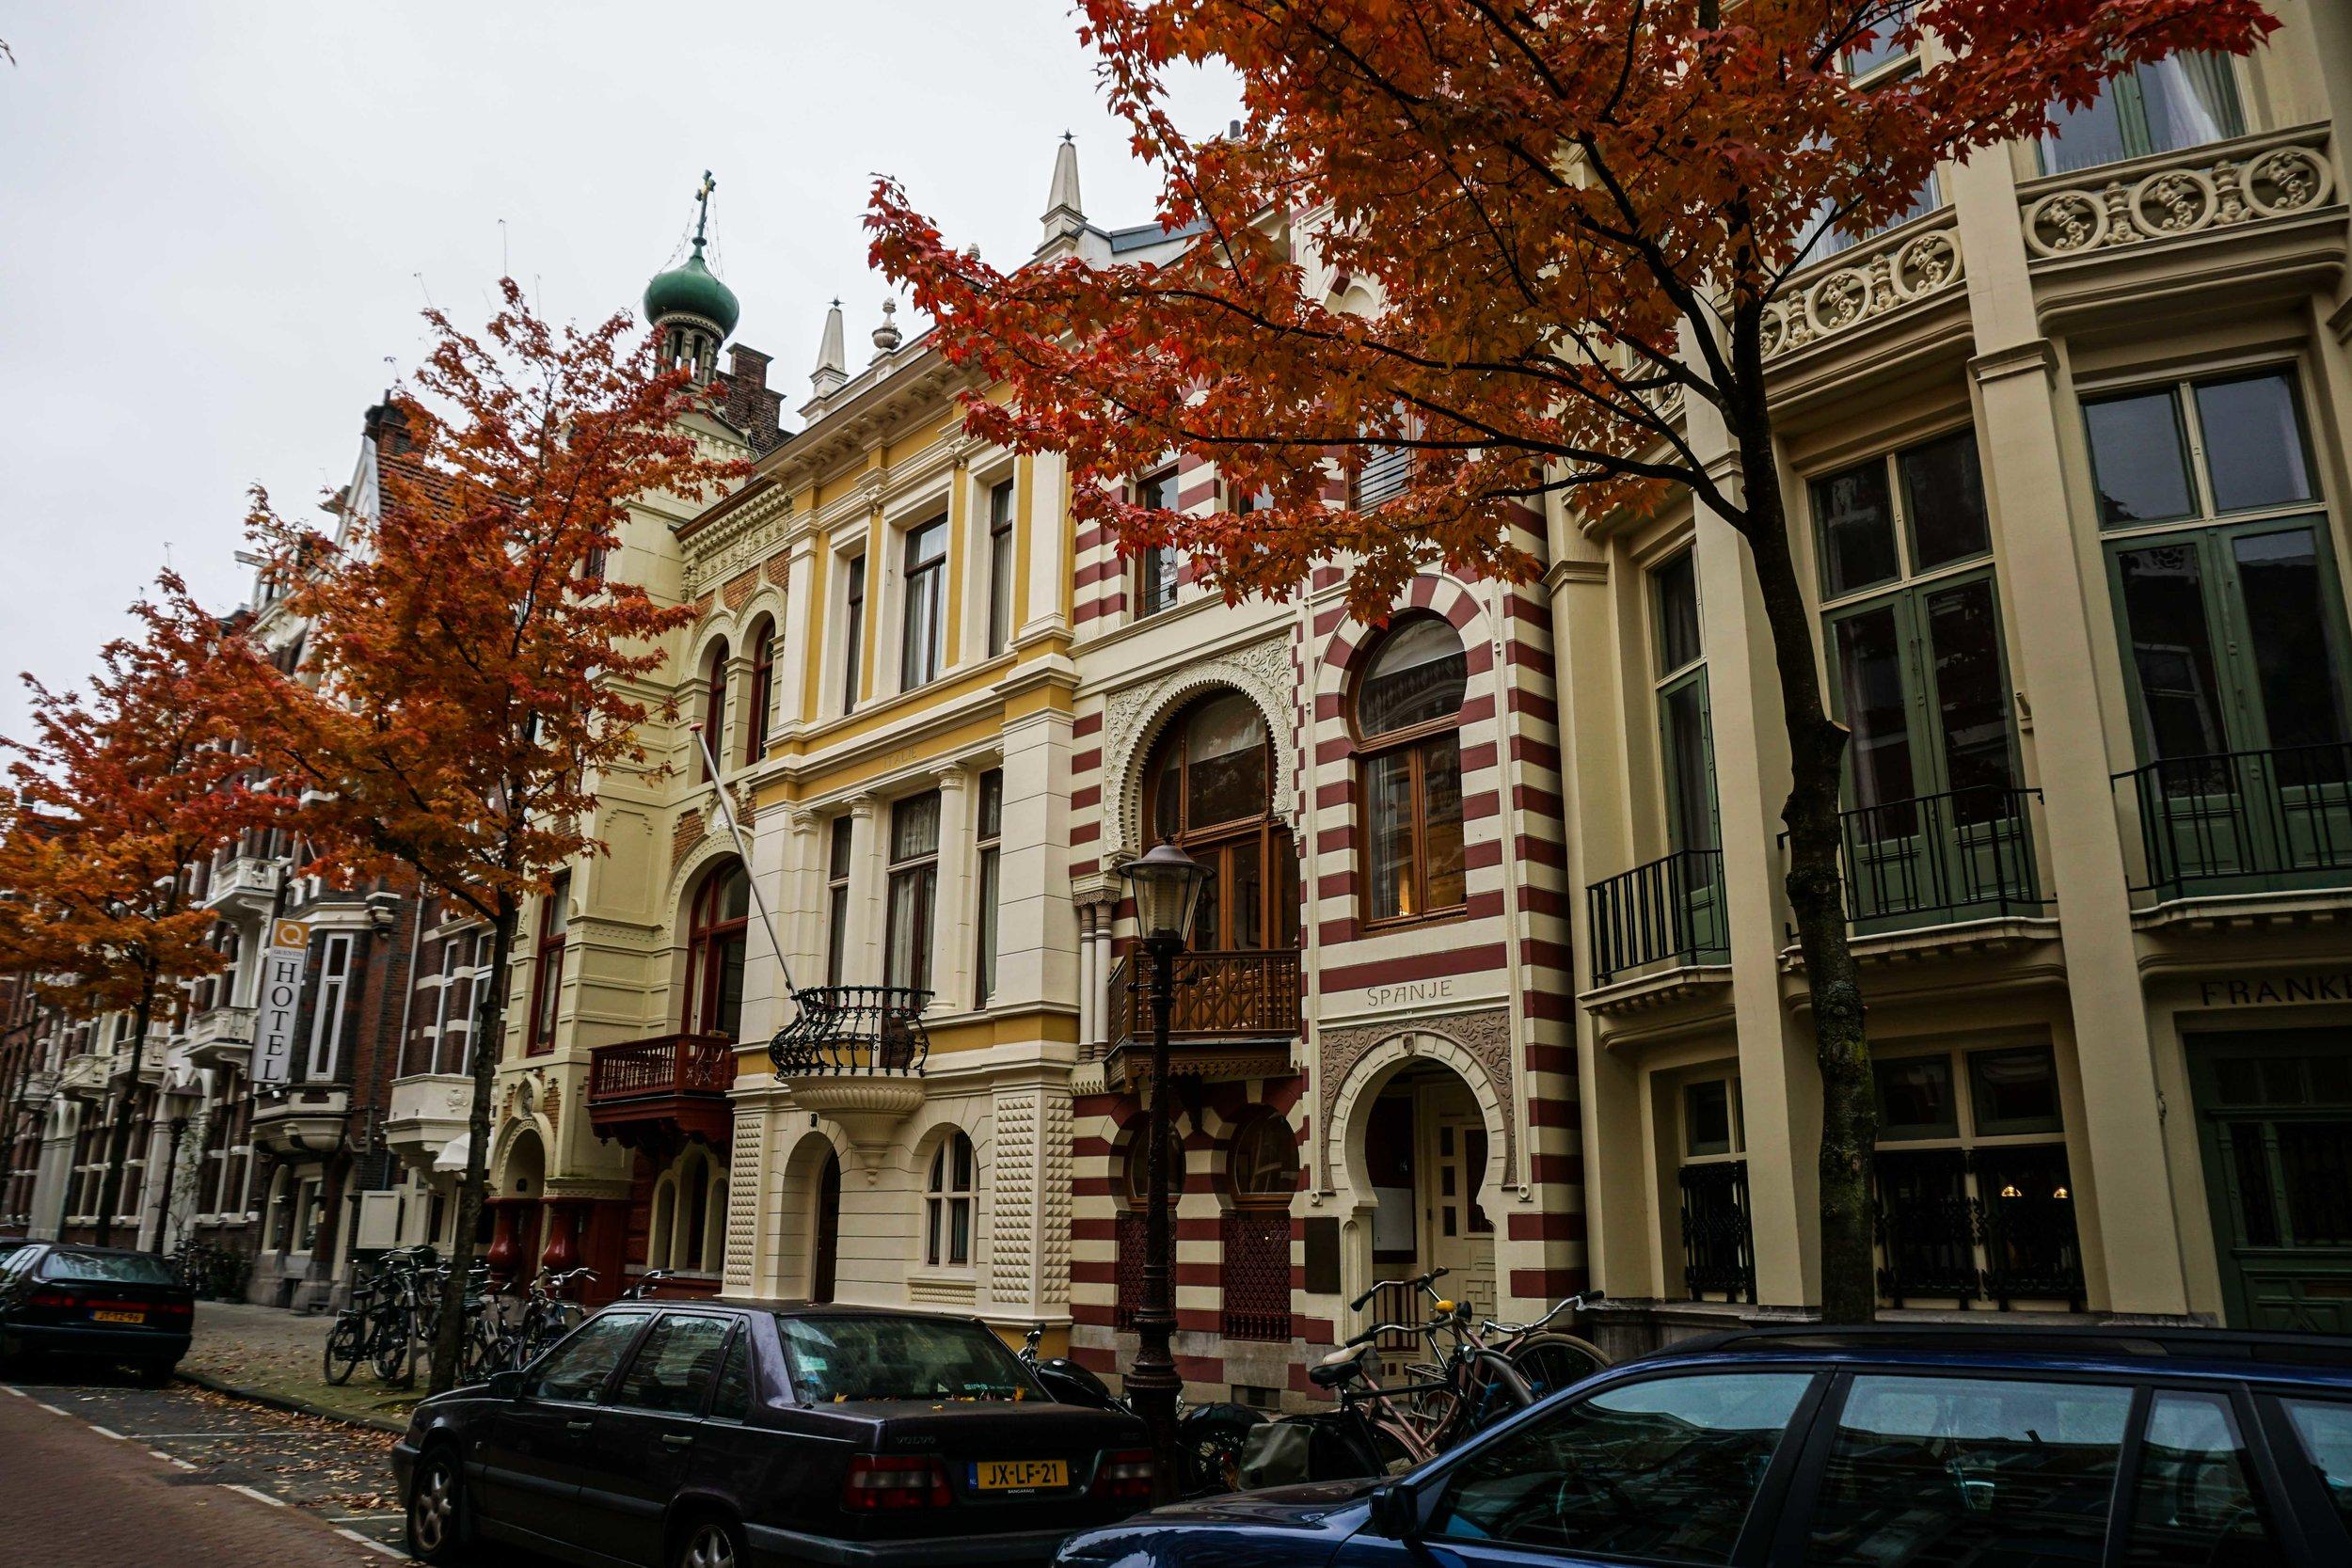 Zevenlandenhuizen (Houses of Seven Countries)